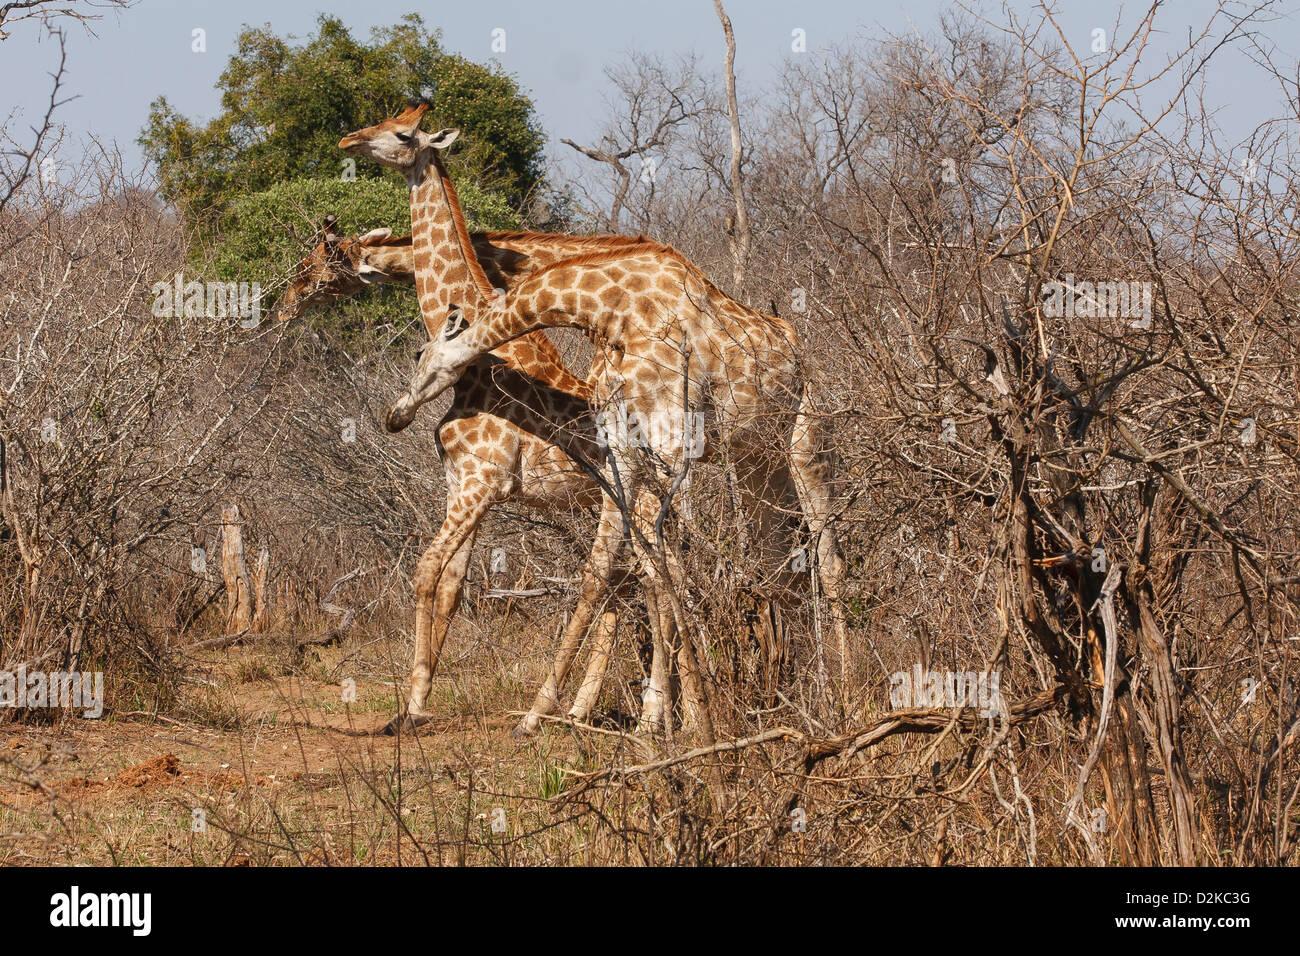 Drei männliche Giraffen Gebiet heftig streiten Stockbild